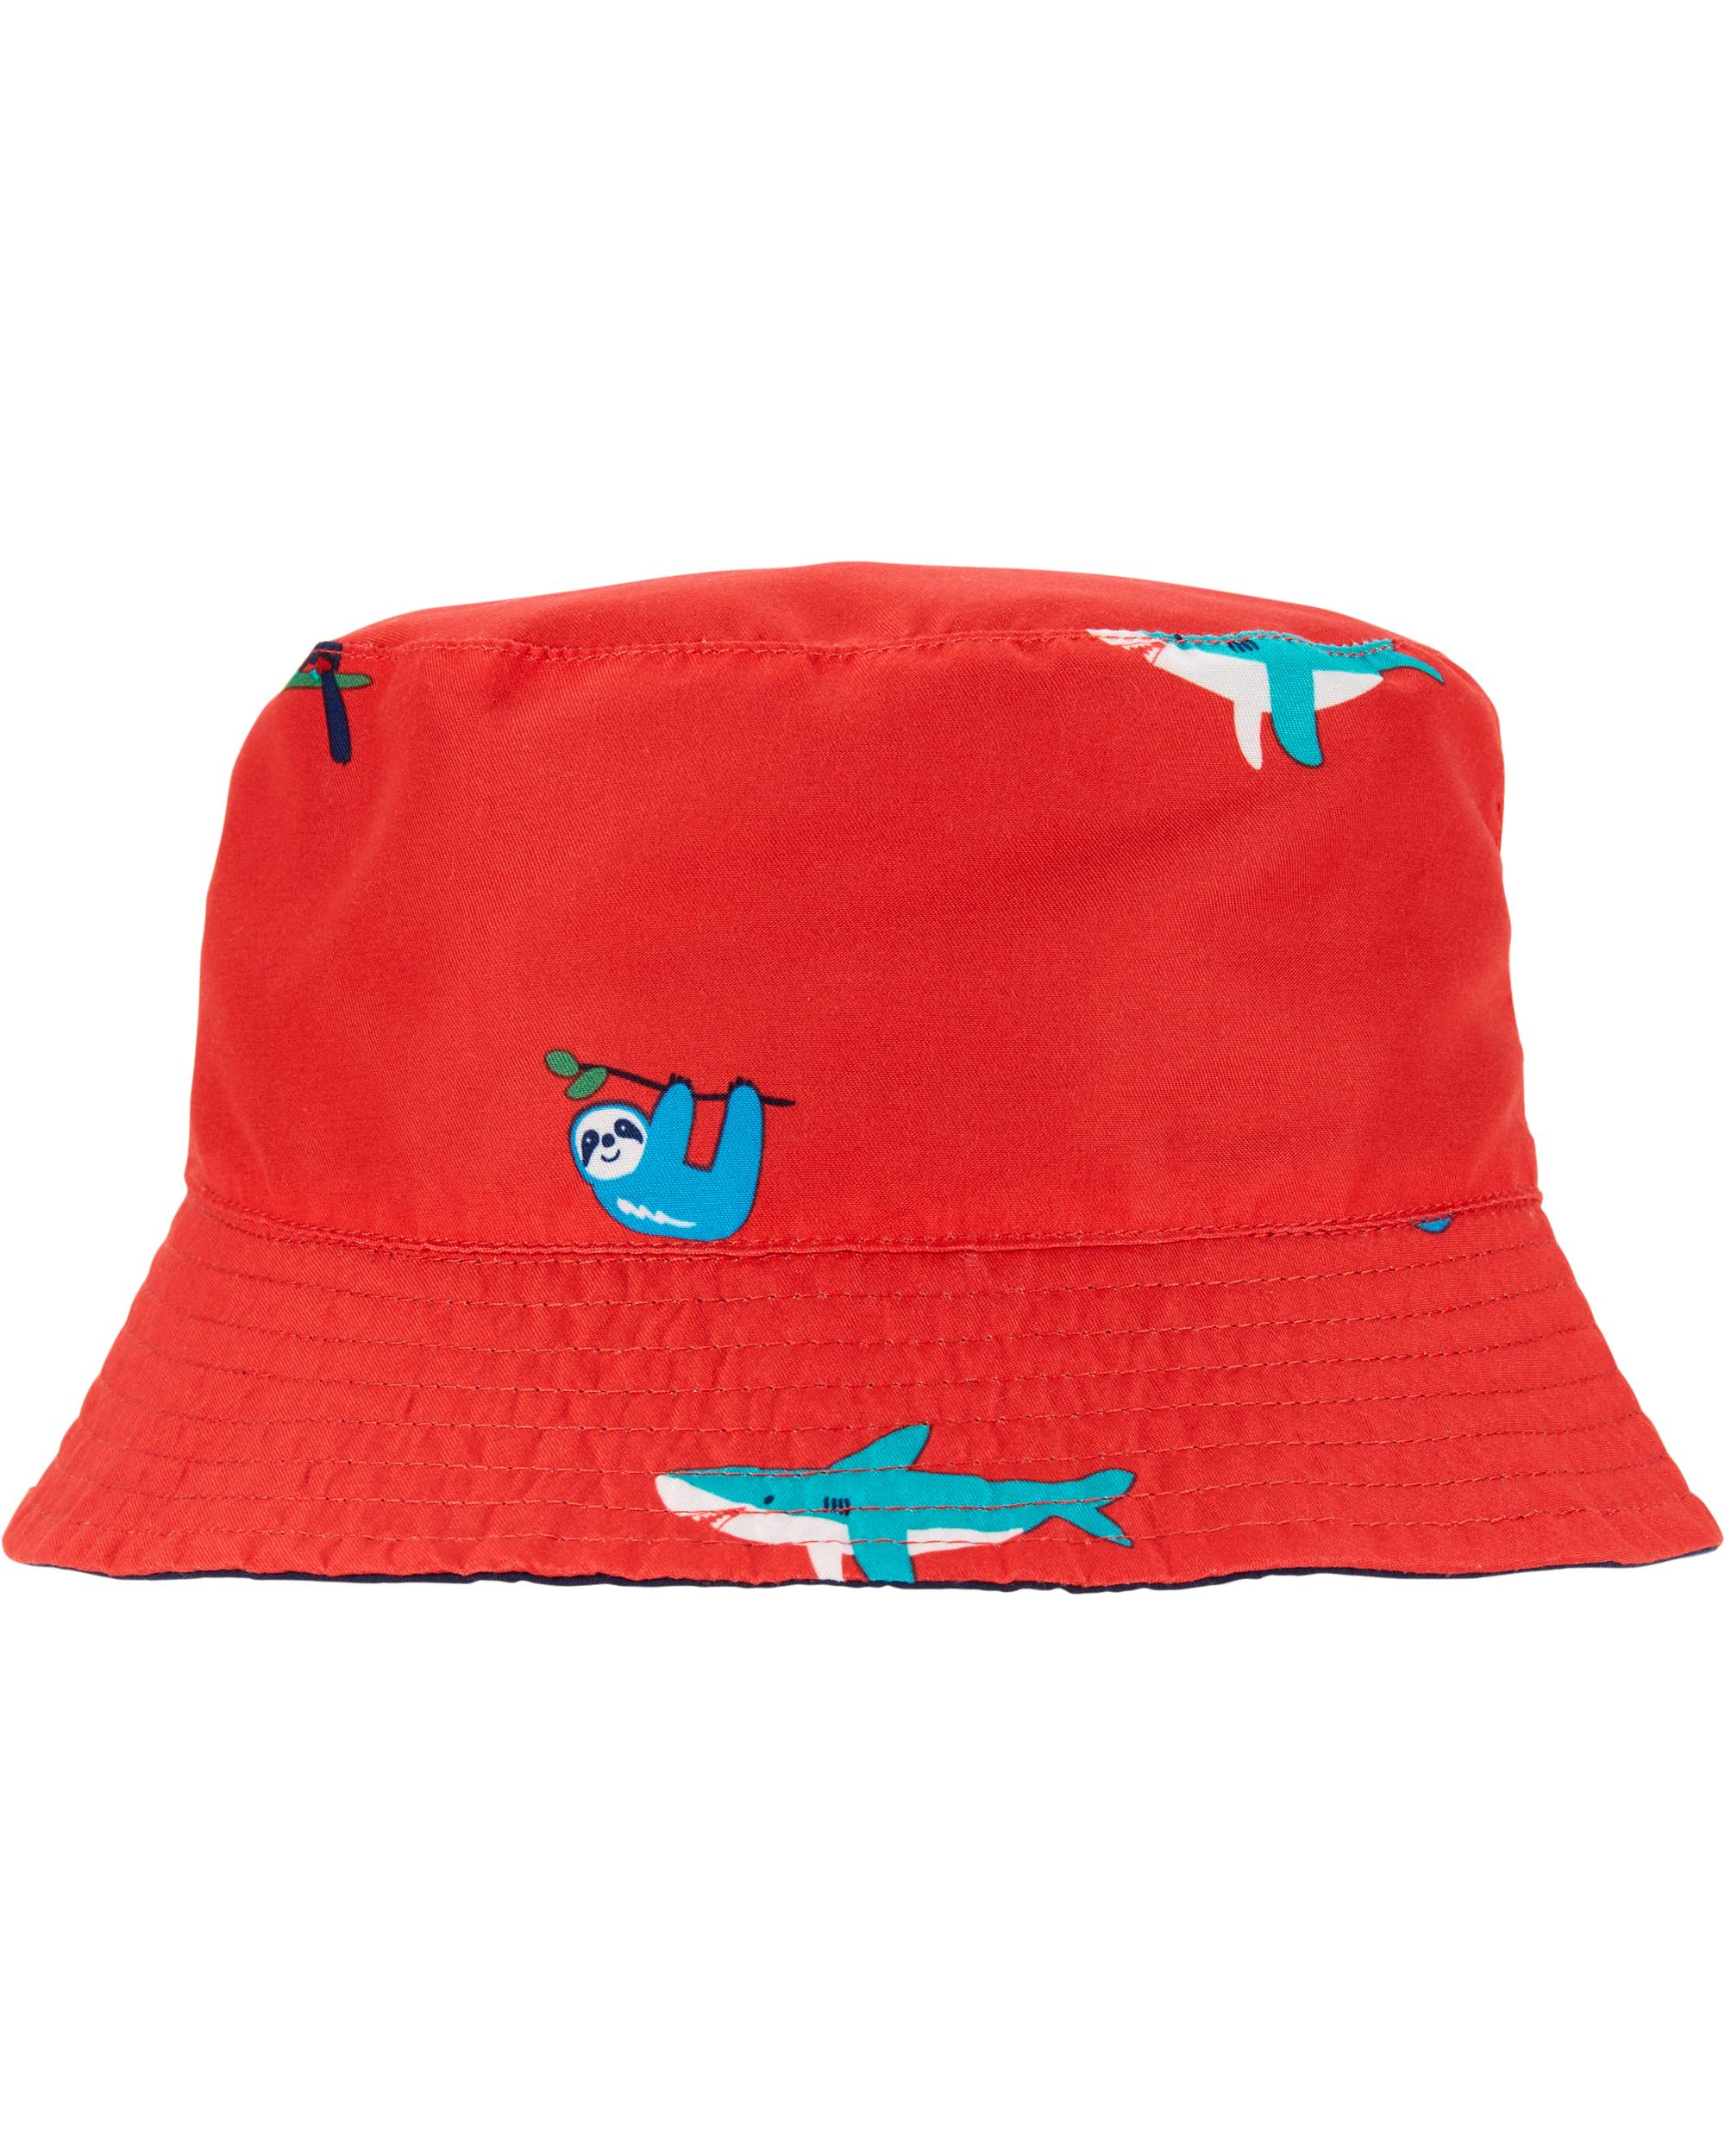 כובע  דו צדדי נייבי אדום